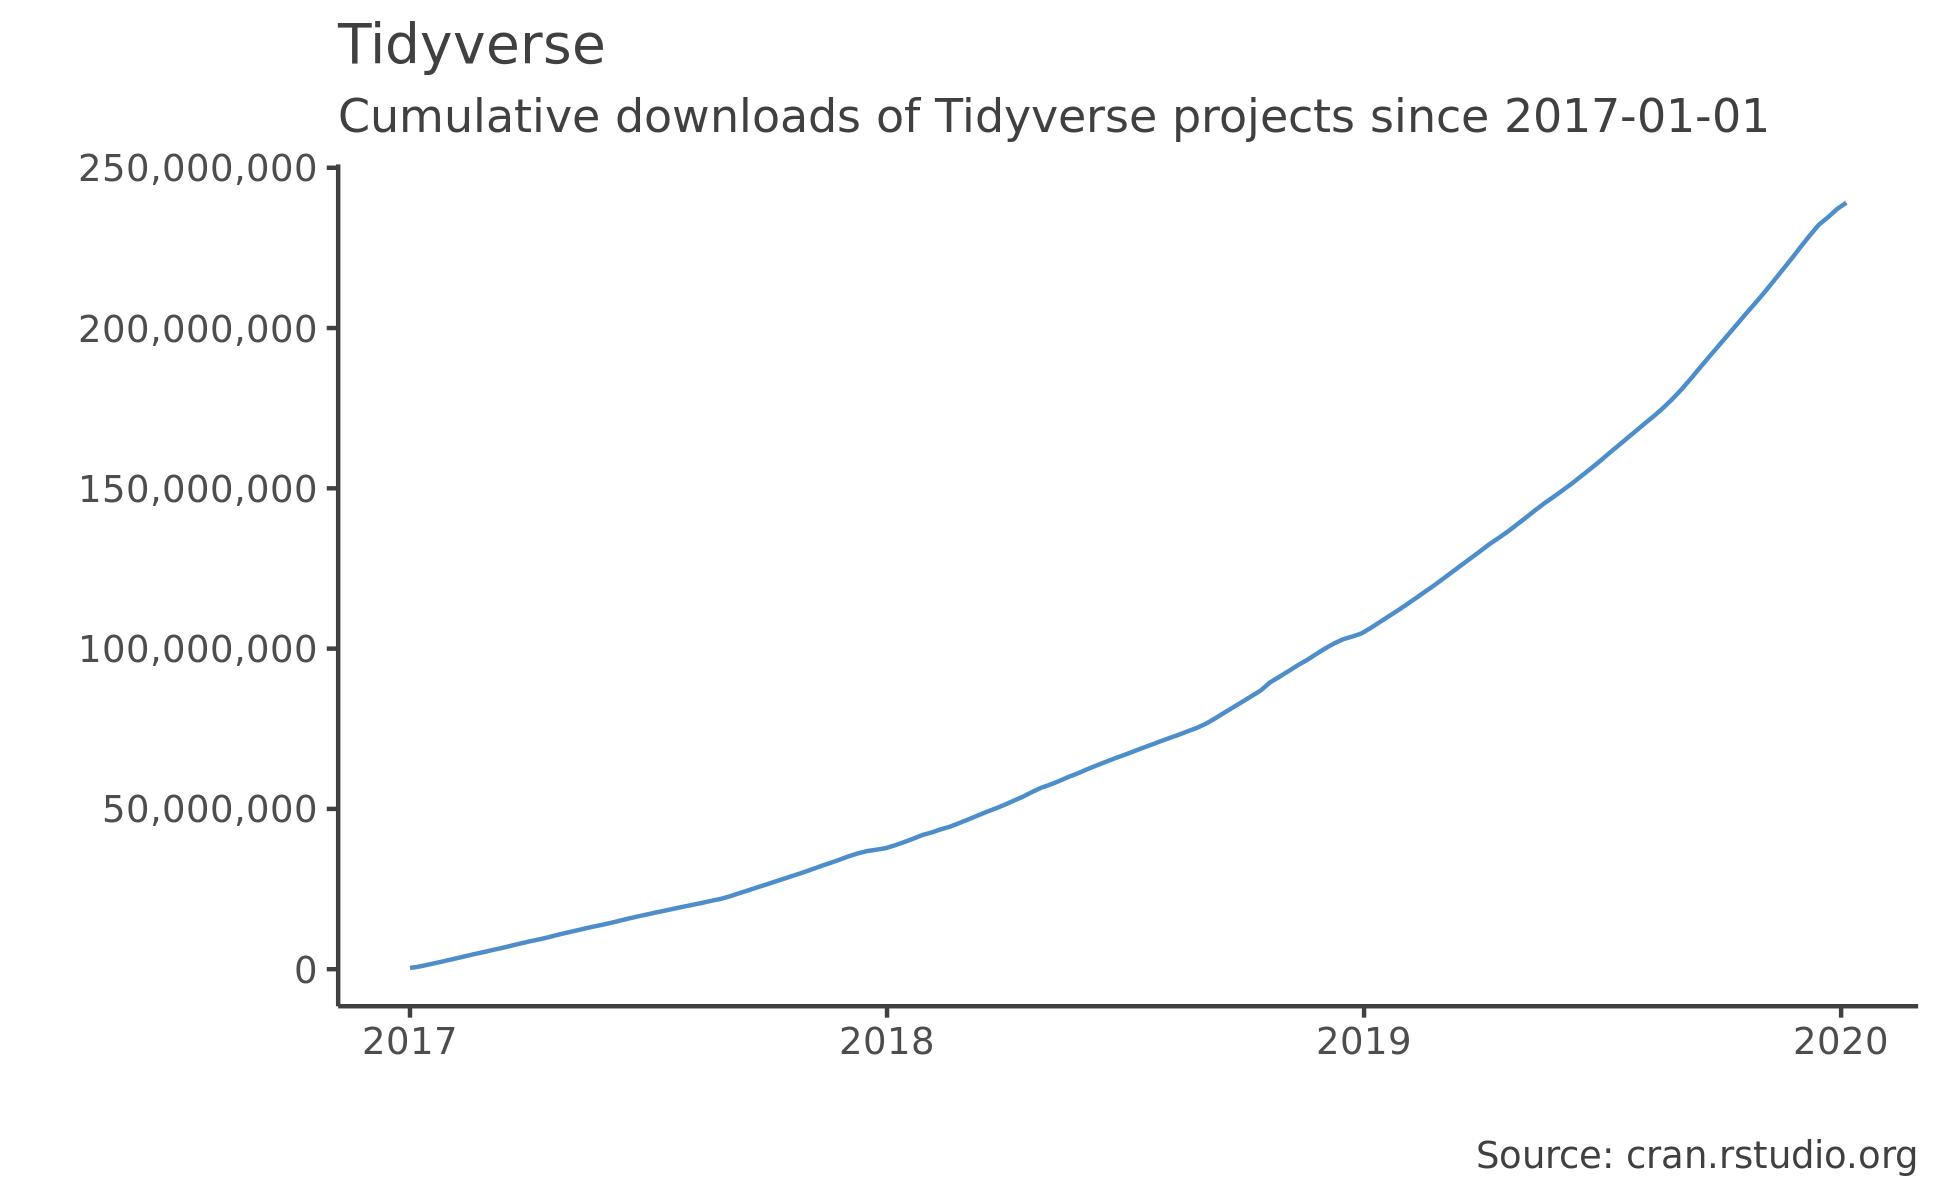 Tidyverse graph